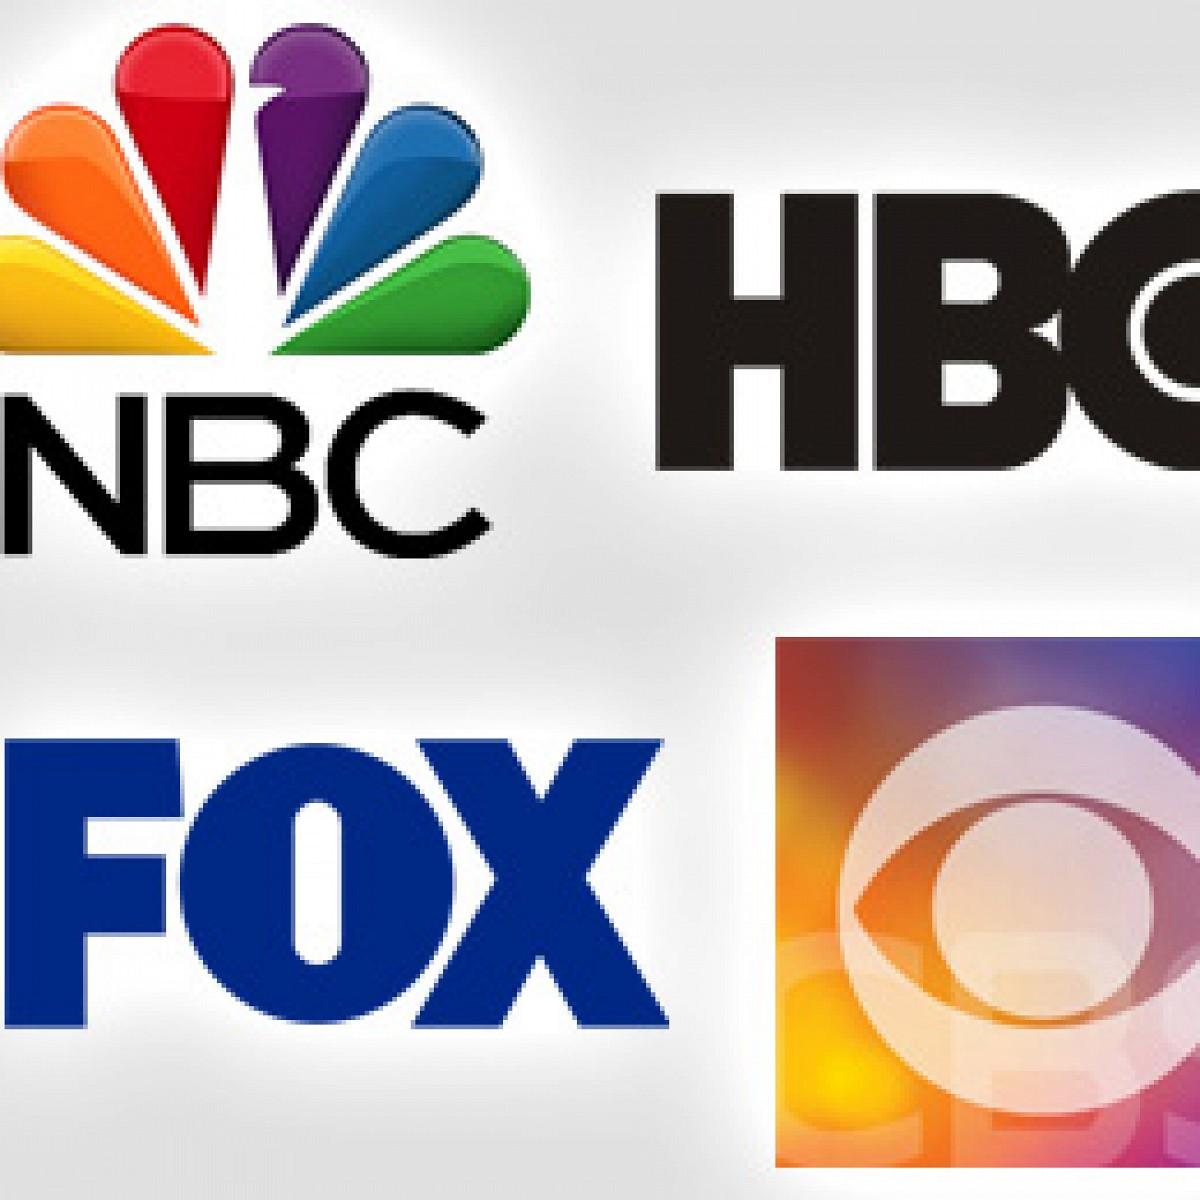 Übersicht: US-Serienstarts Anfang 2020 – Neue Serienstaffeln zwischen Januar und Season-Ende – Bild: NBC/HBO/ABC/The CW/FOX/CBS/Showtime/TNT